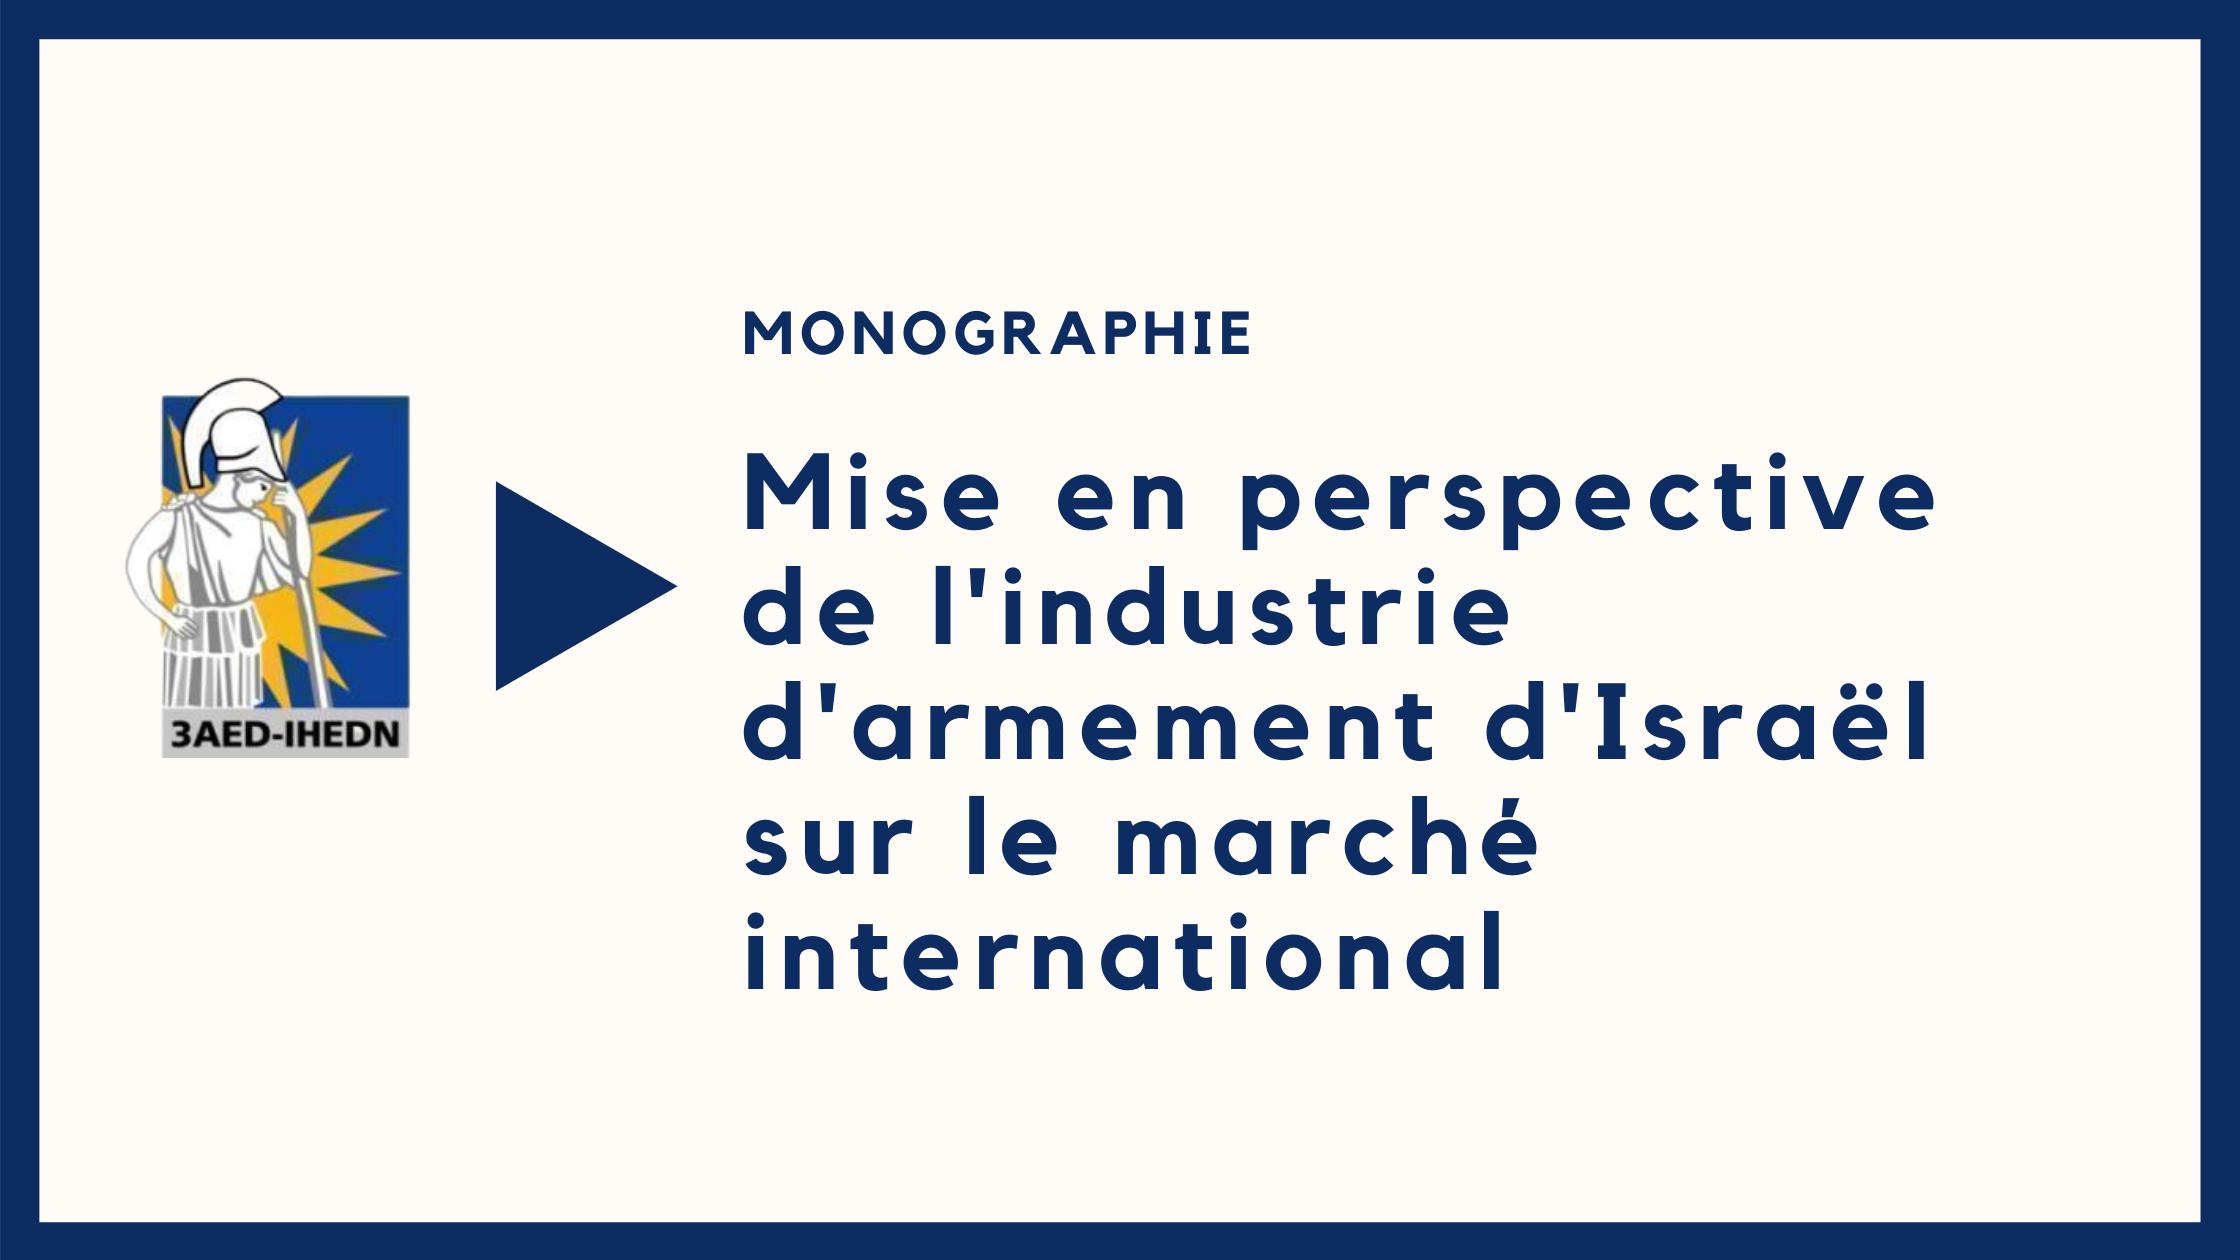 Monographie |Mise en perspective de l'industrie d'armement d'Israël sur le marché international